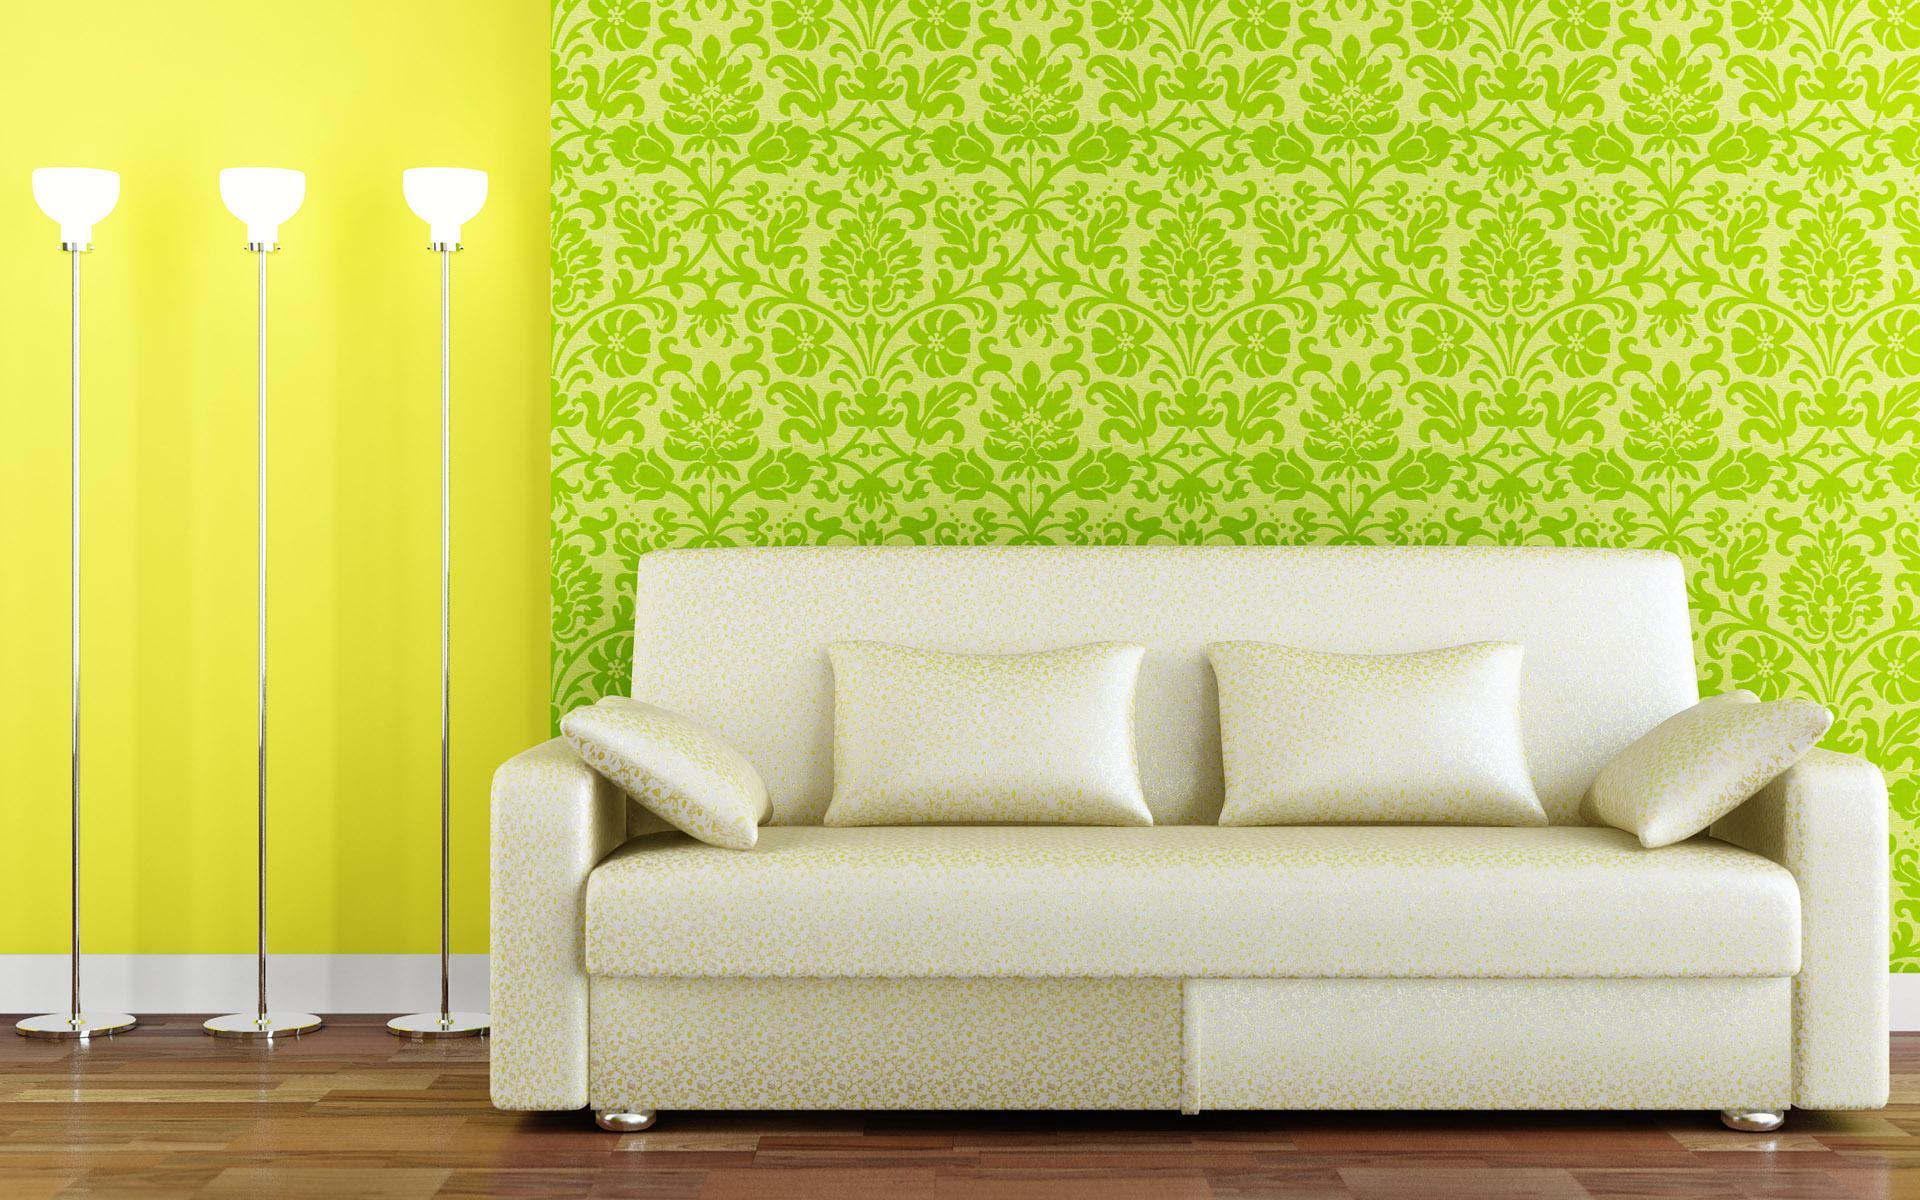 Wallpaper Interior Design Pictures photo - 5